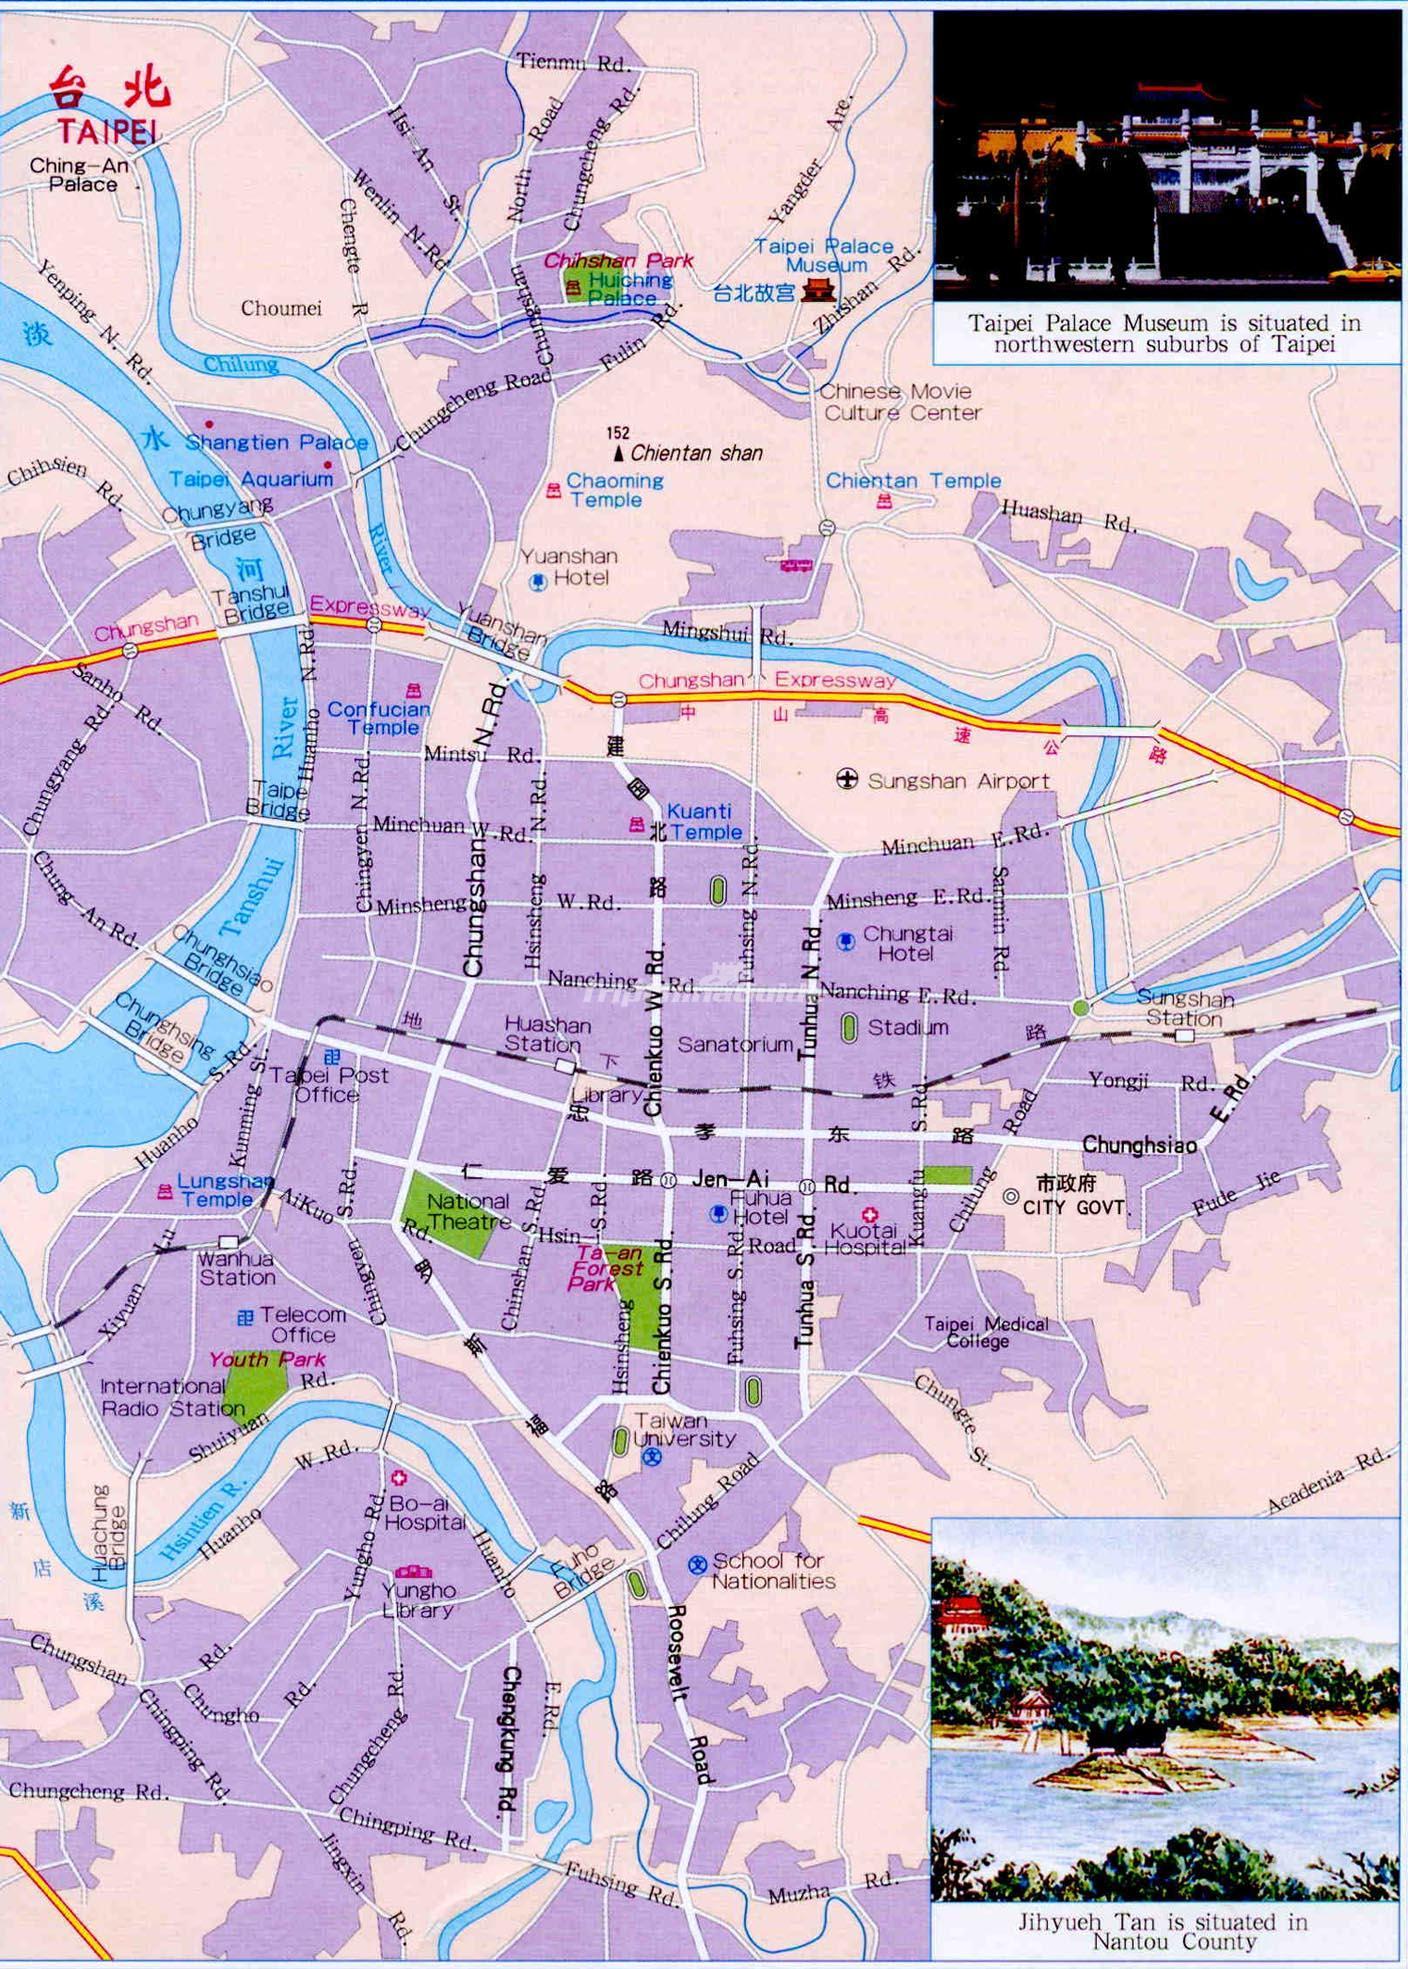 taipei tourist map